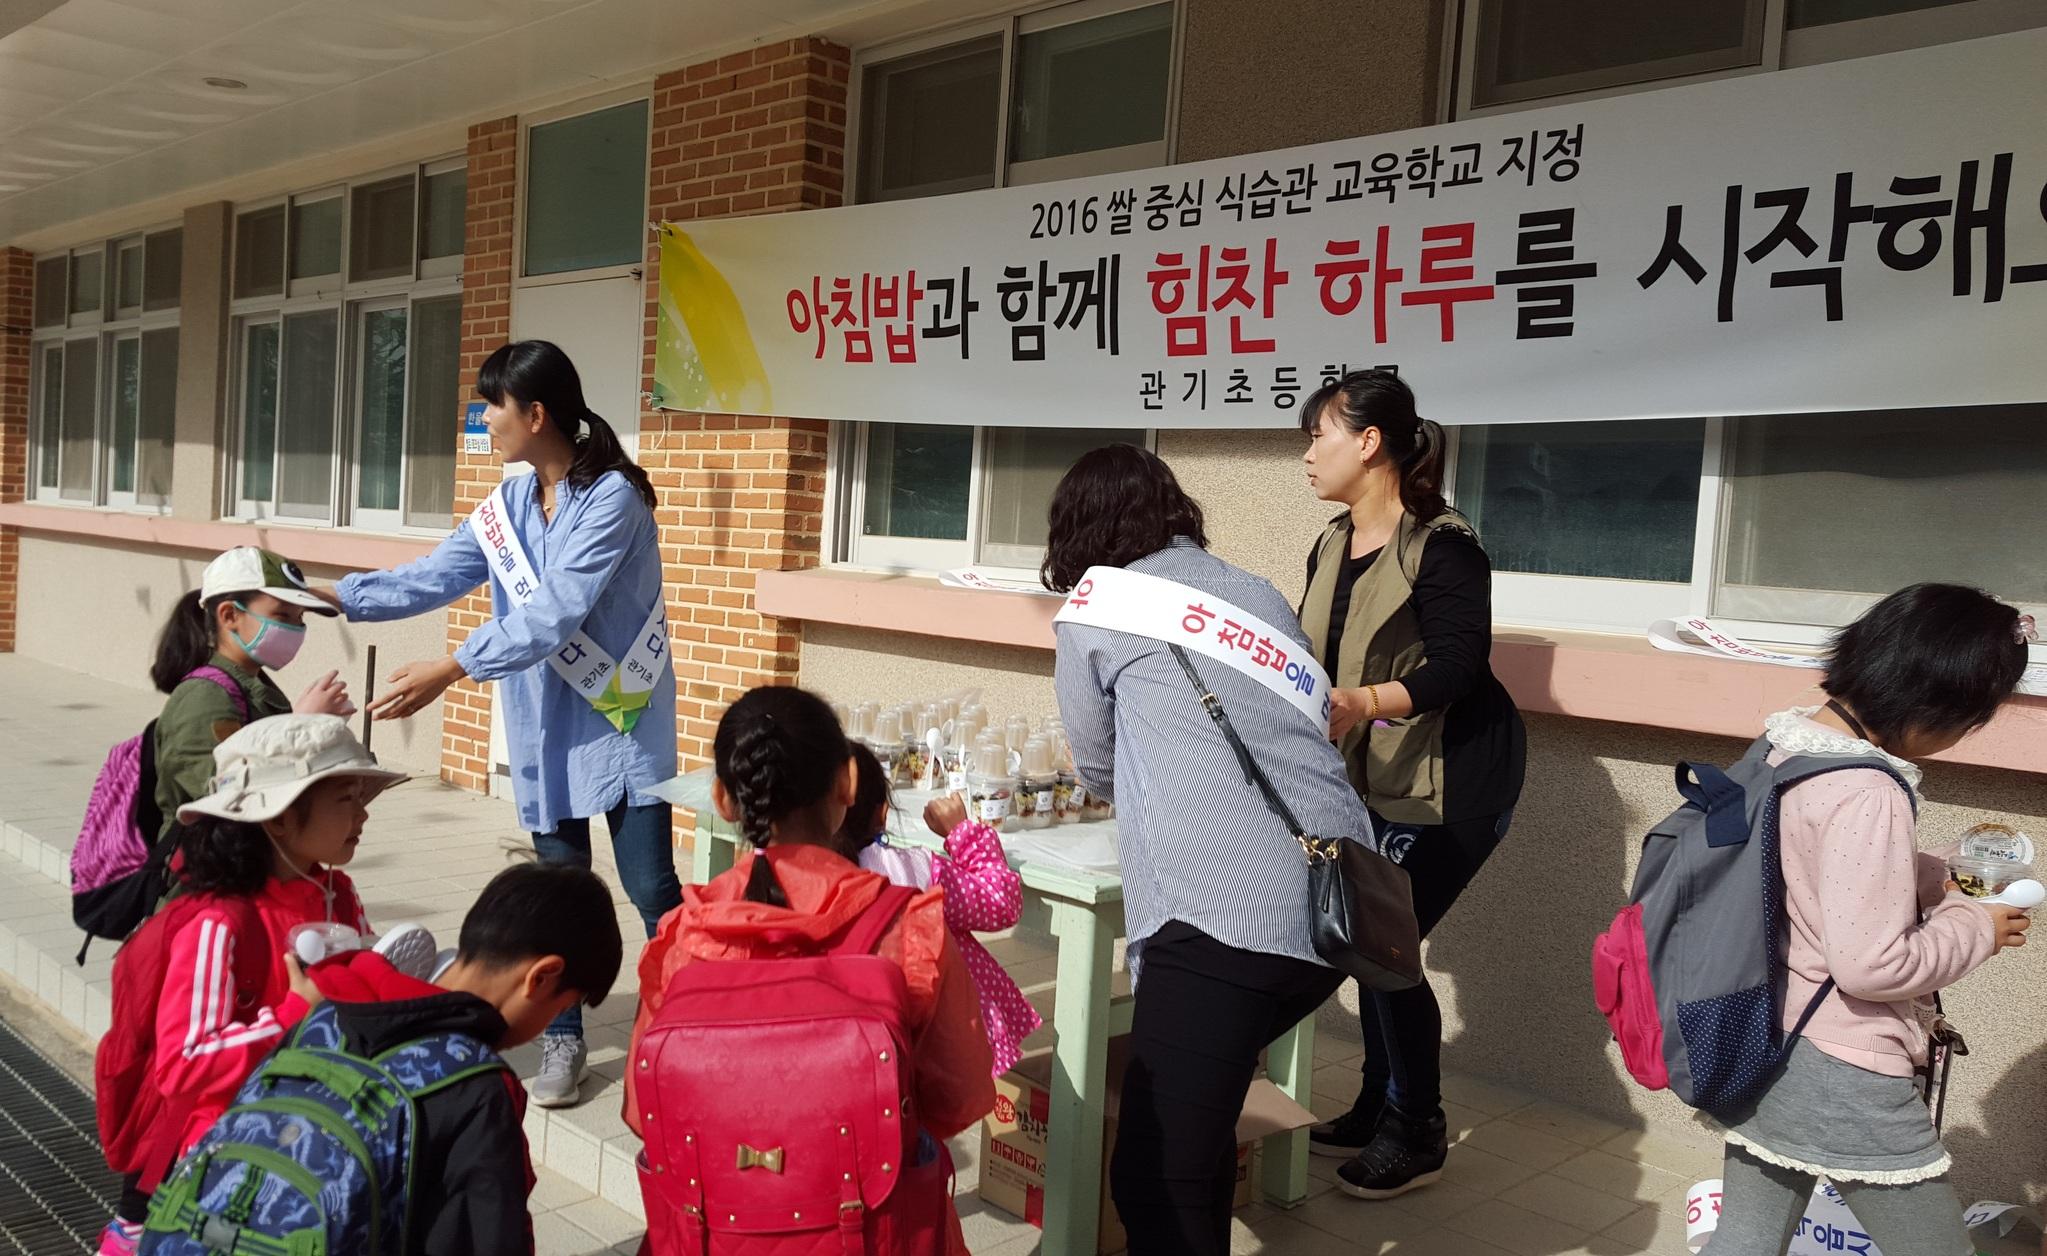 농림축산식품부는 '쌀 중심 식습관 교육 학교' 사업을 통해 '아침밥 결식 없는 학교 만들기 캠페인'을 실시하고 있다.  [사진제공=농림축산식품부]